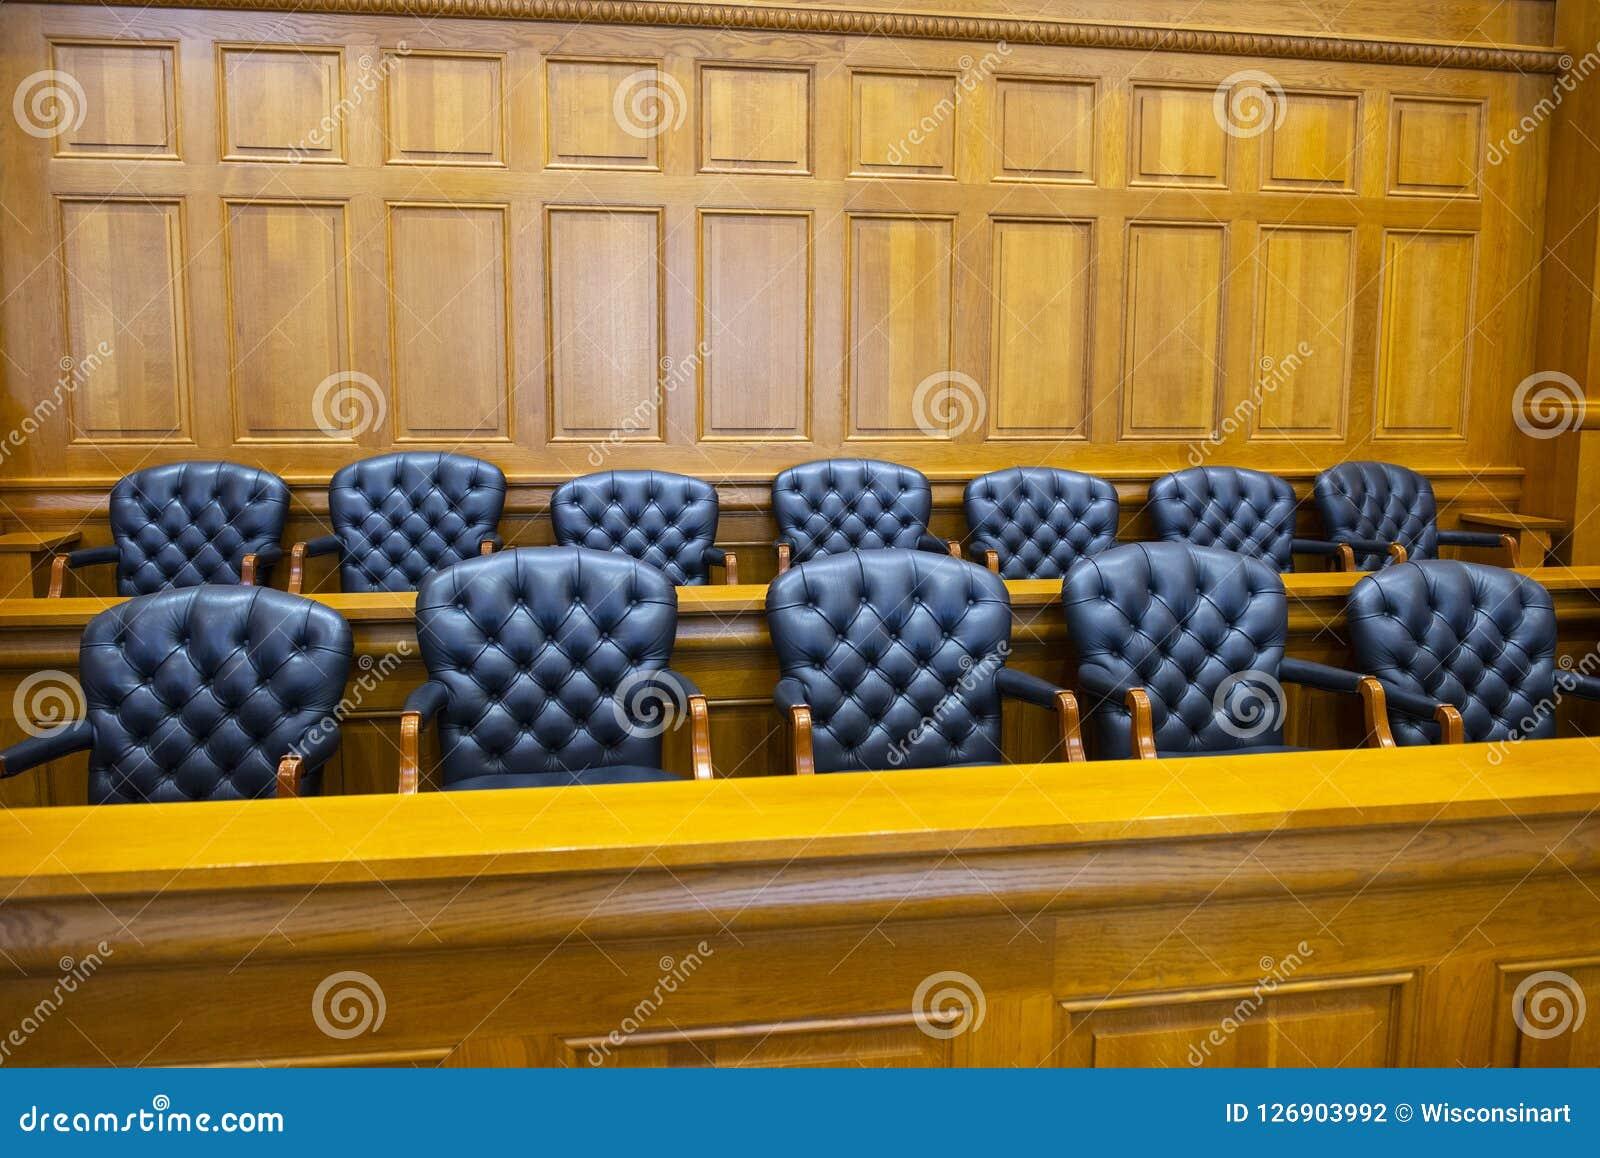 Jurybank, Wettelijke Wet, Advocaat, Rechter, Rechtszaal